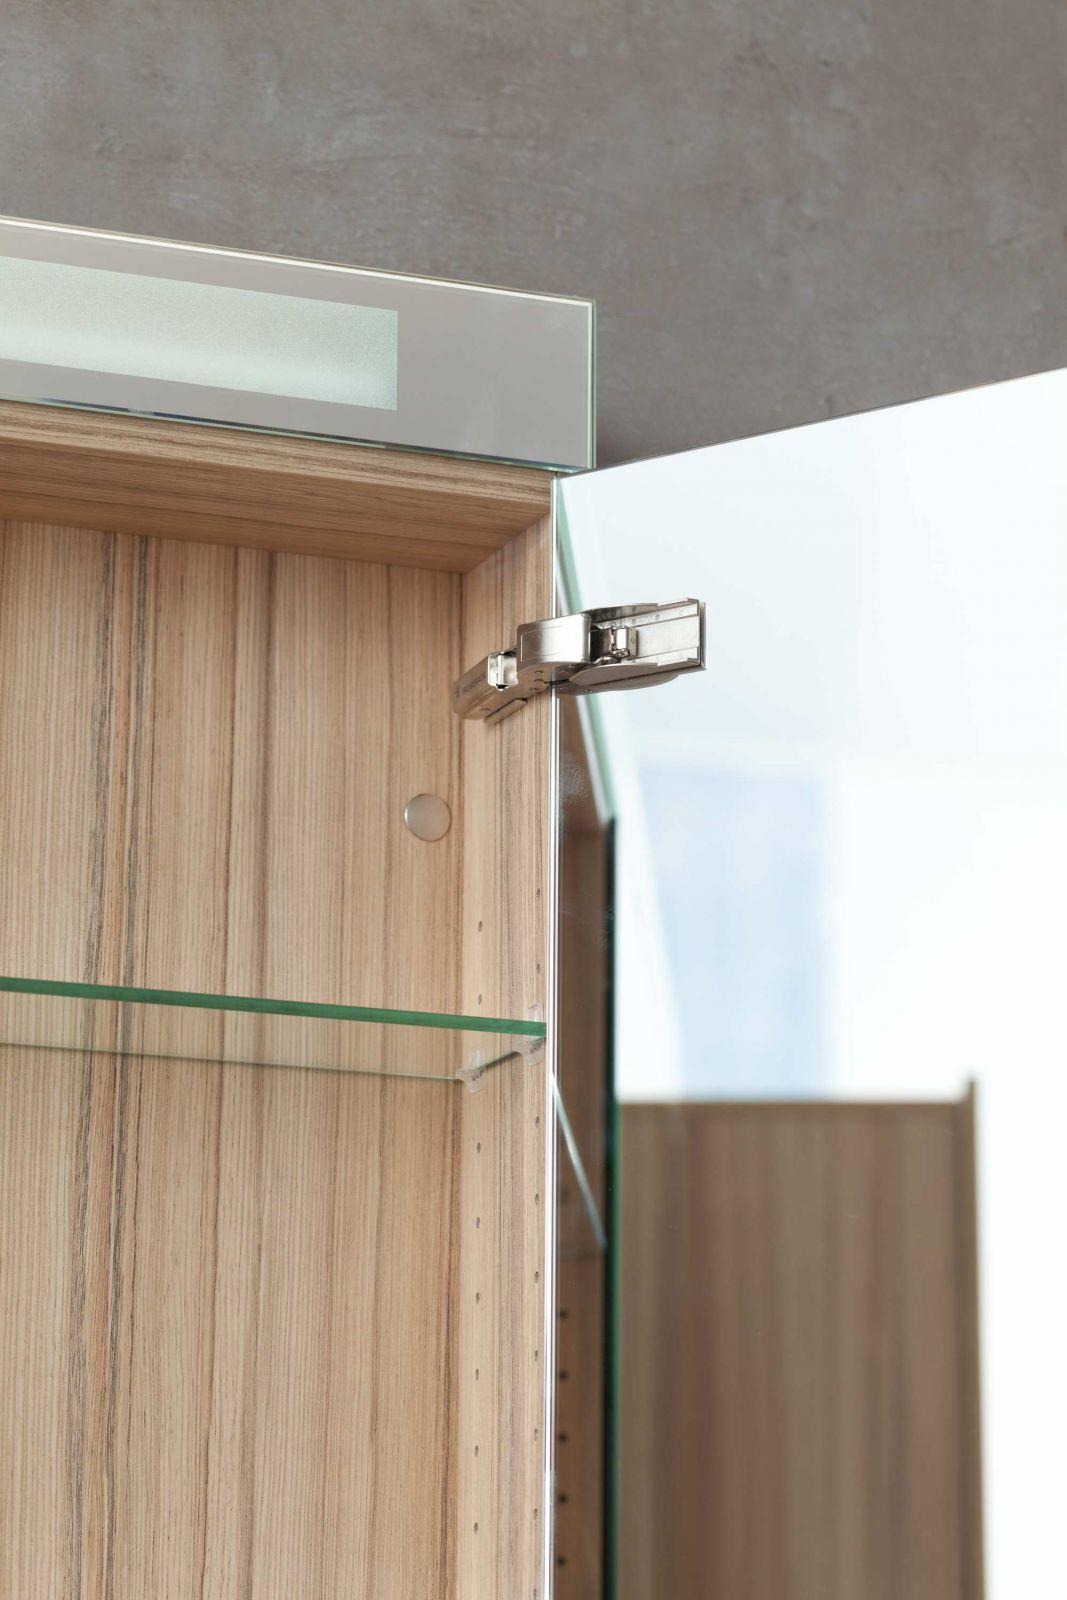 spiegelschr nke virto badm bel von froidevaux f r ihr bad. Black Bedroom Furniture Sets. Home Design Ideas